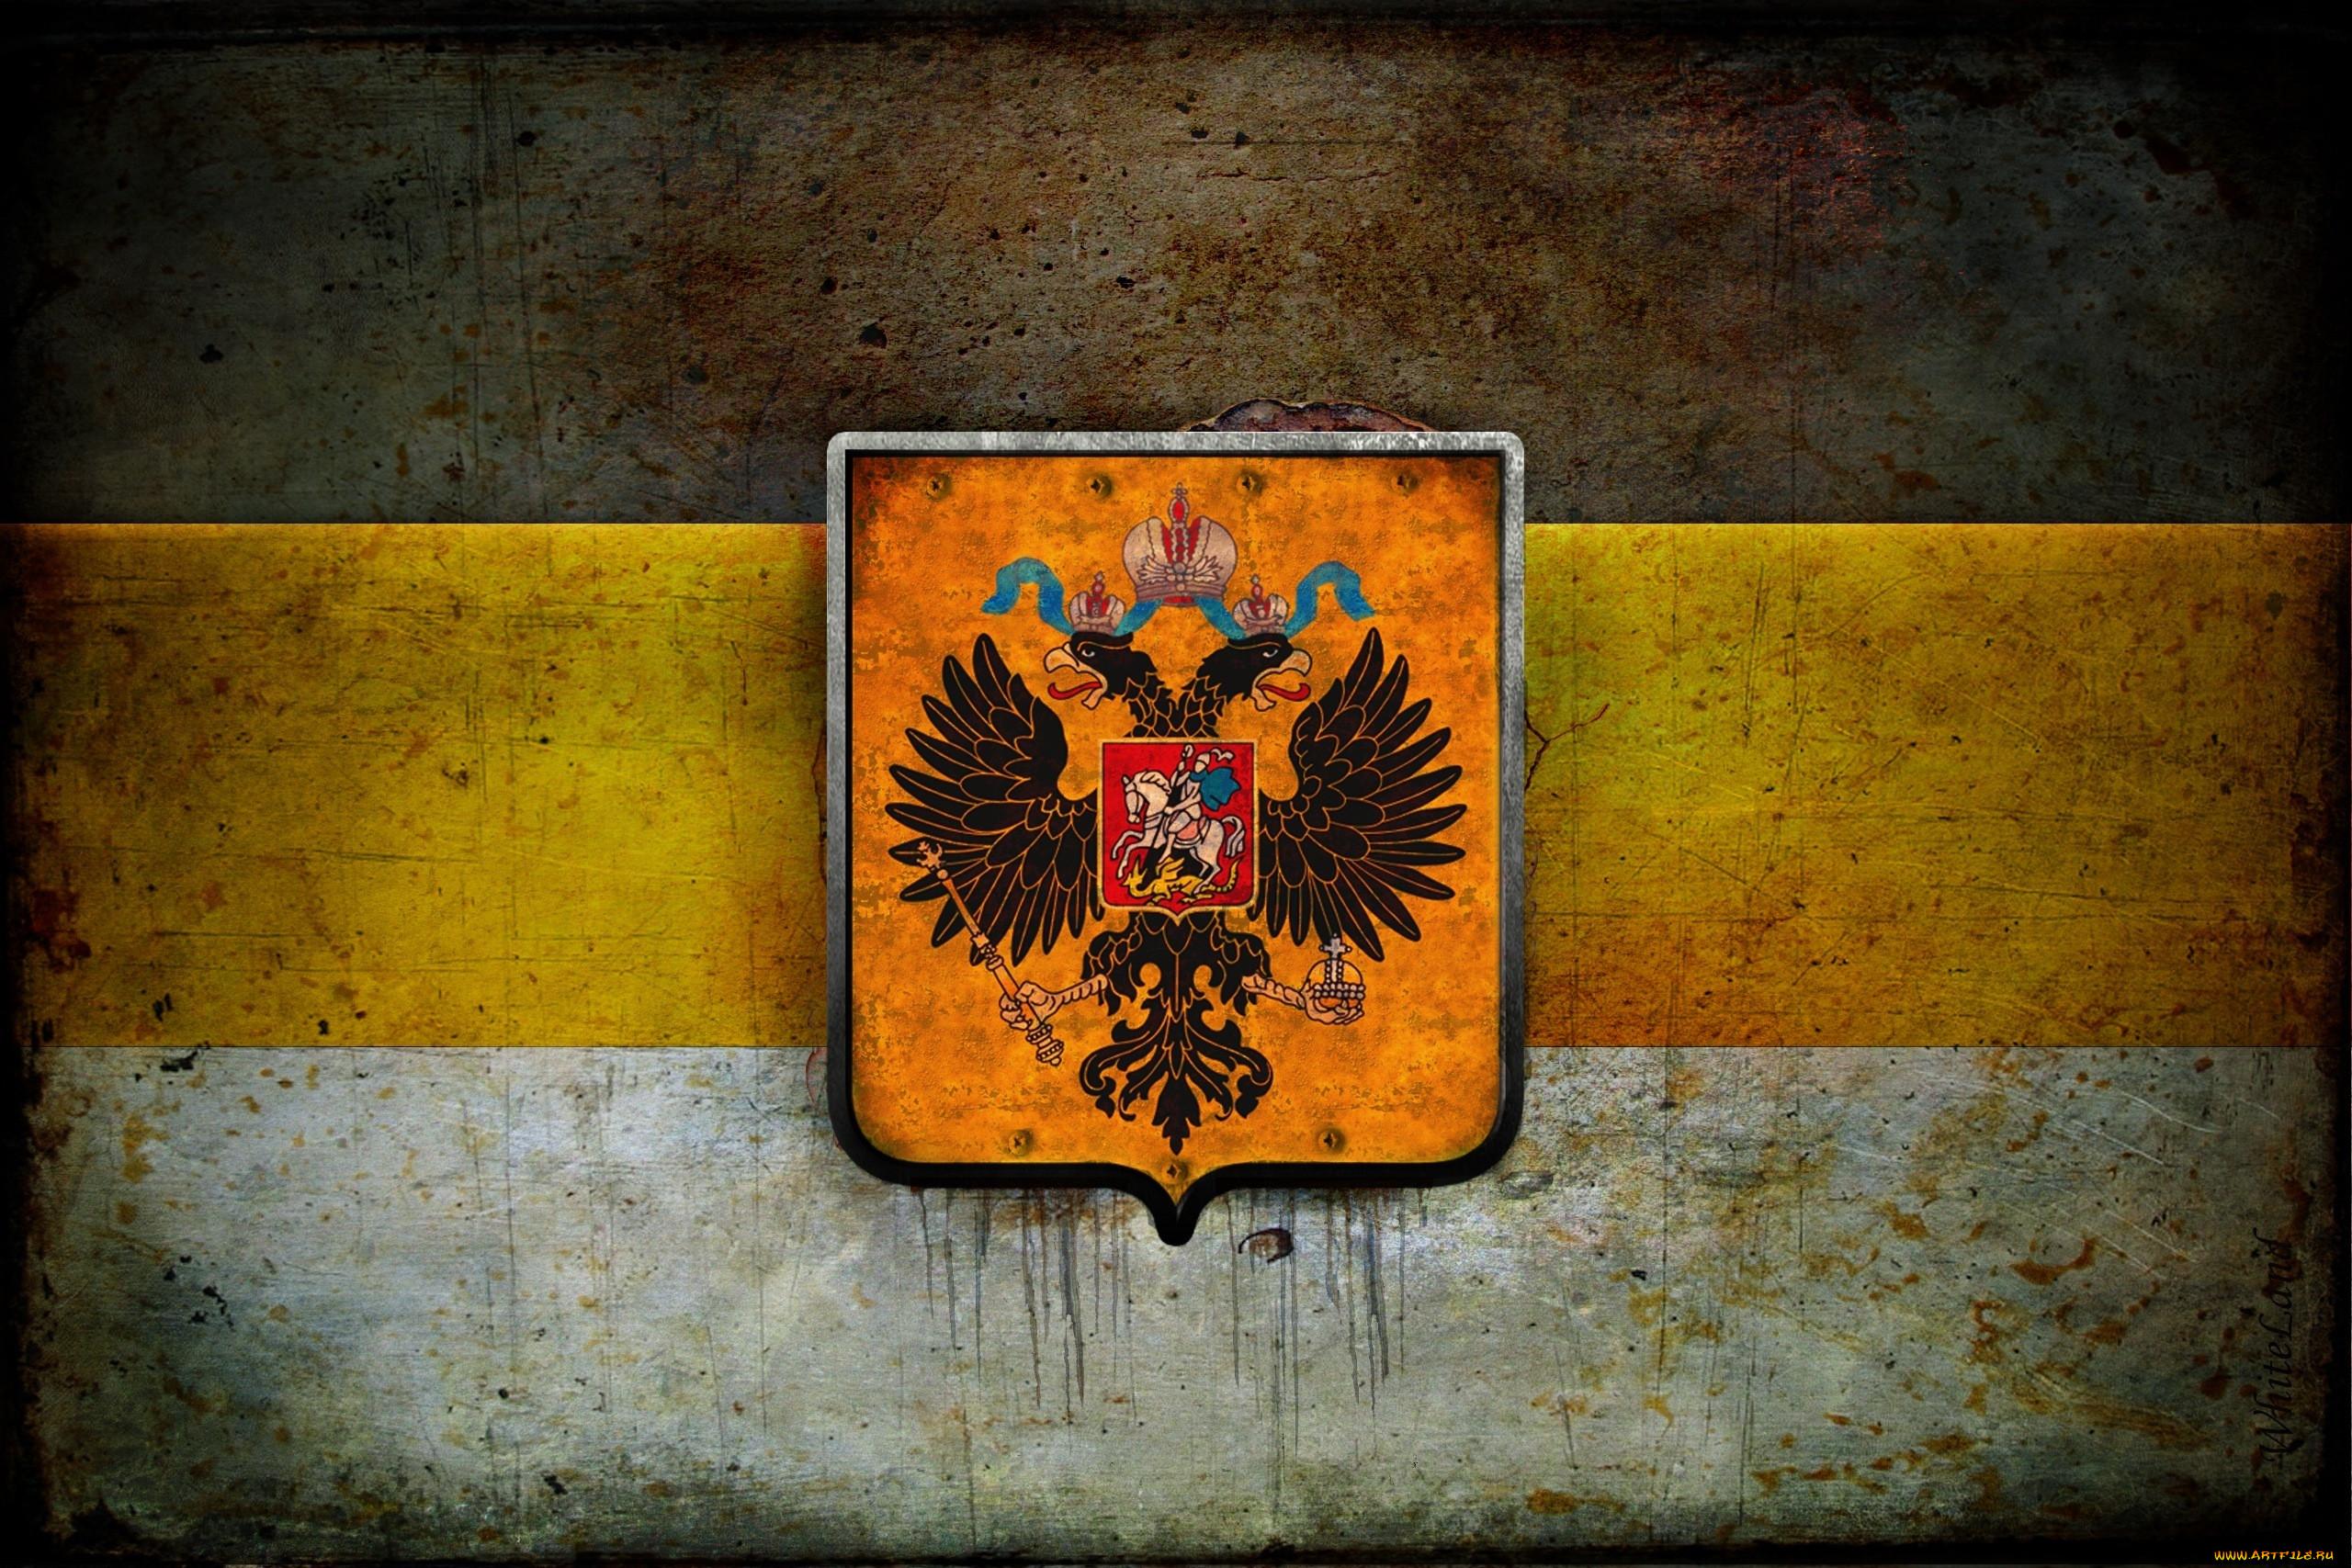 разное, граффити, флаг, герб